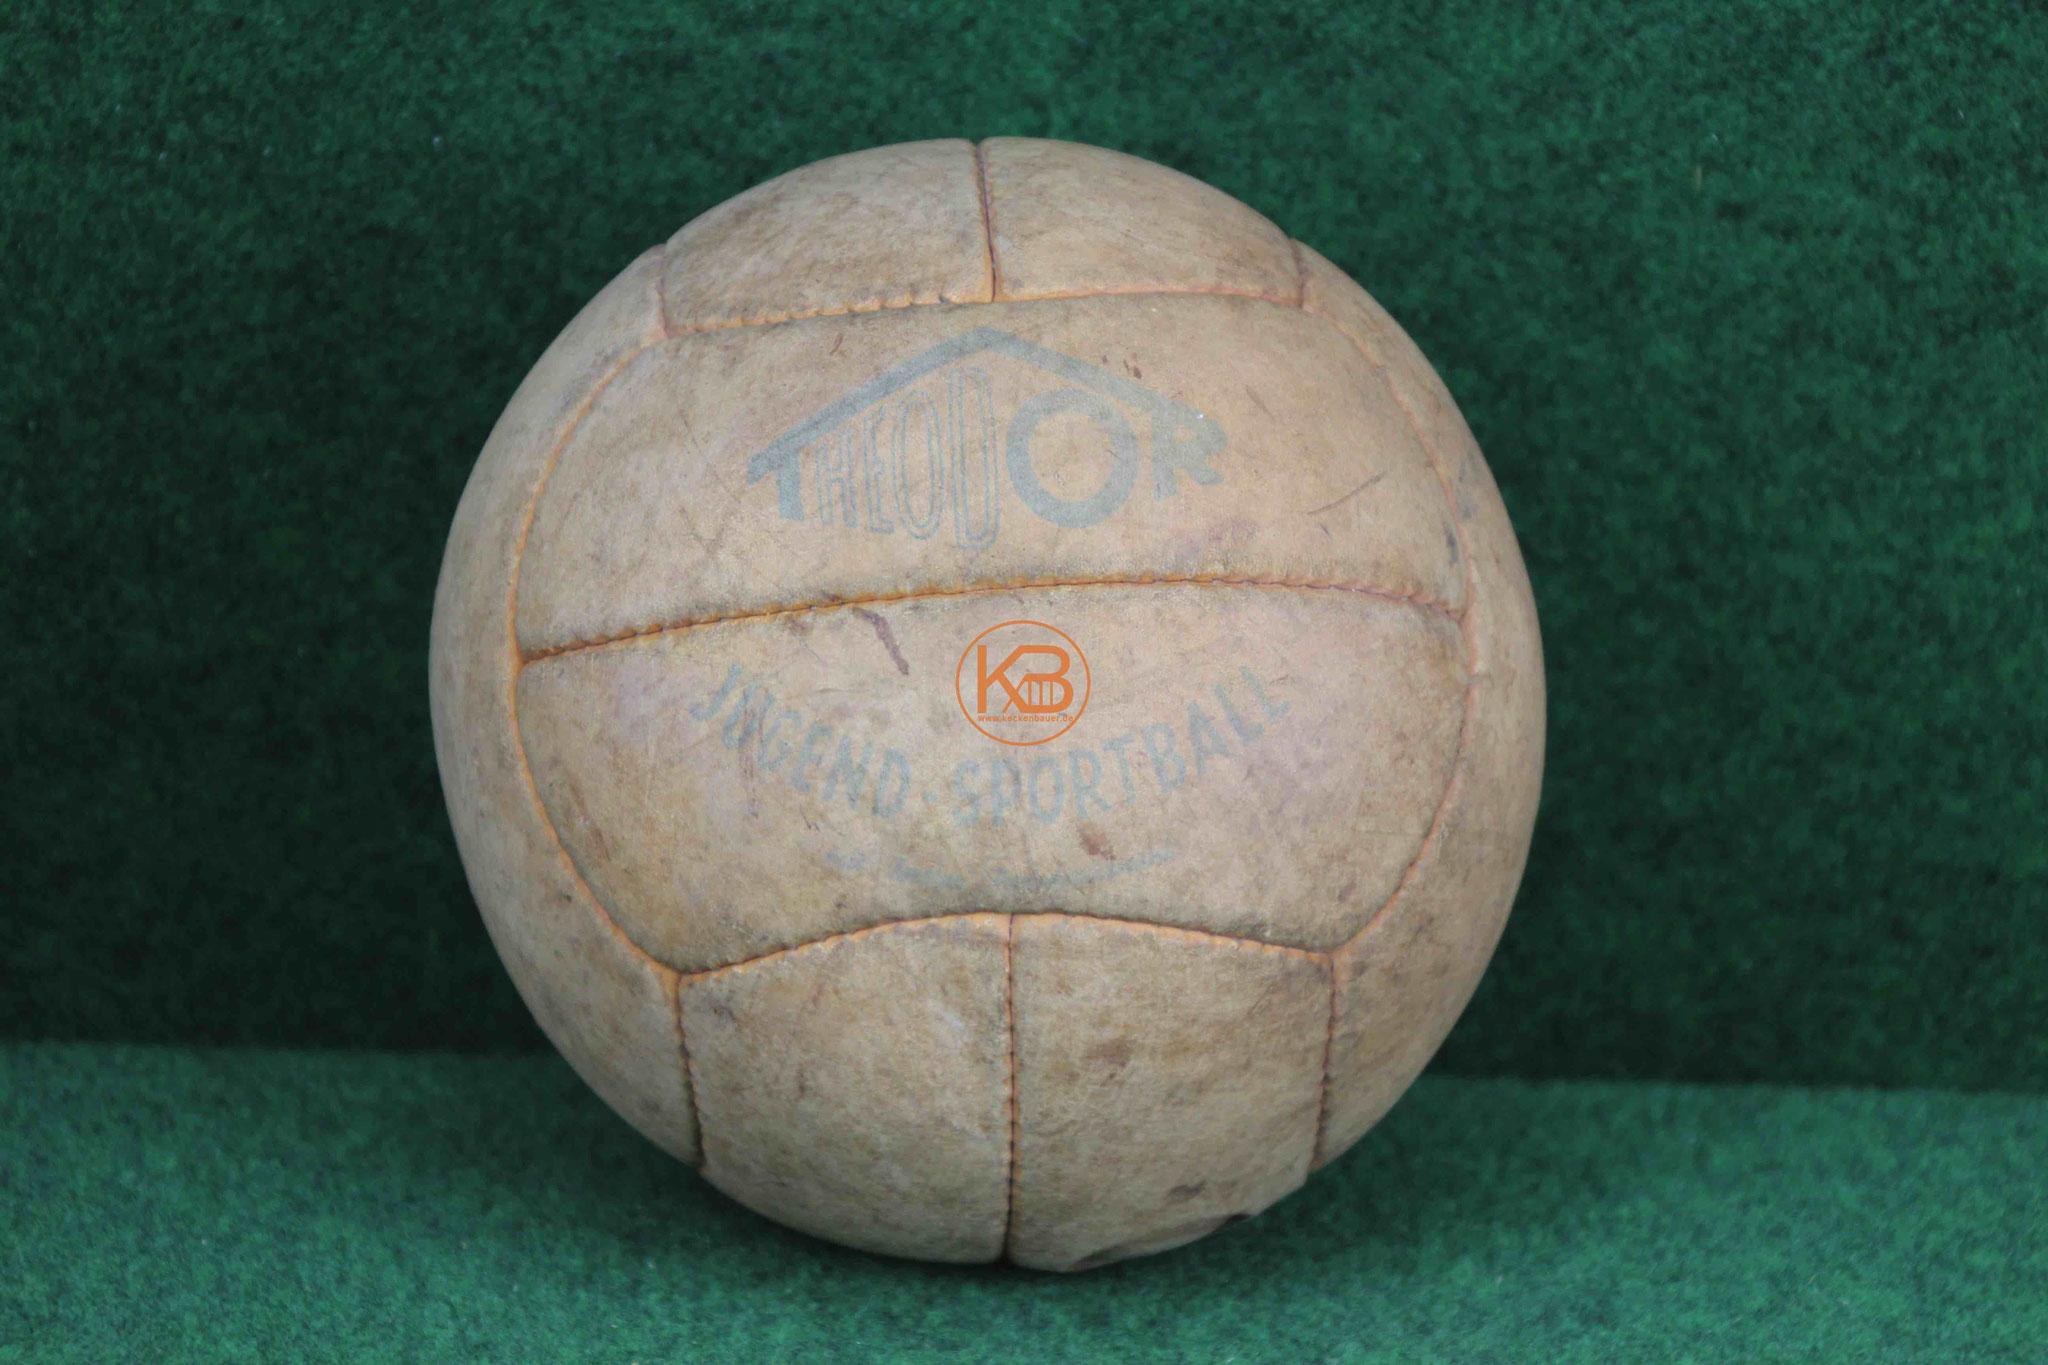 Alter Theodor Jugend Sportball aus den 1950ern